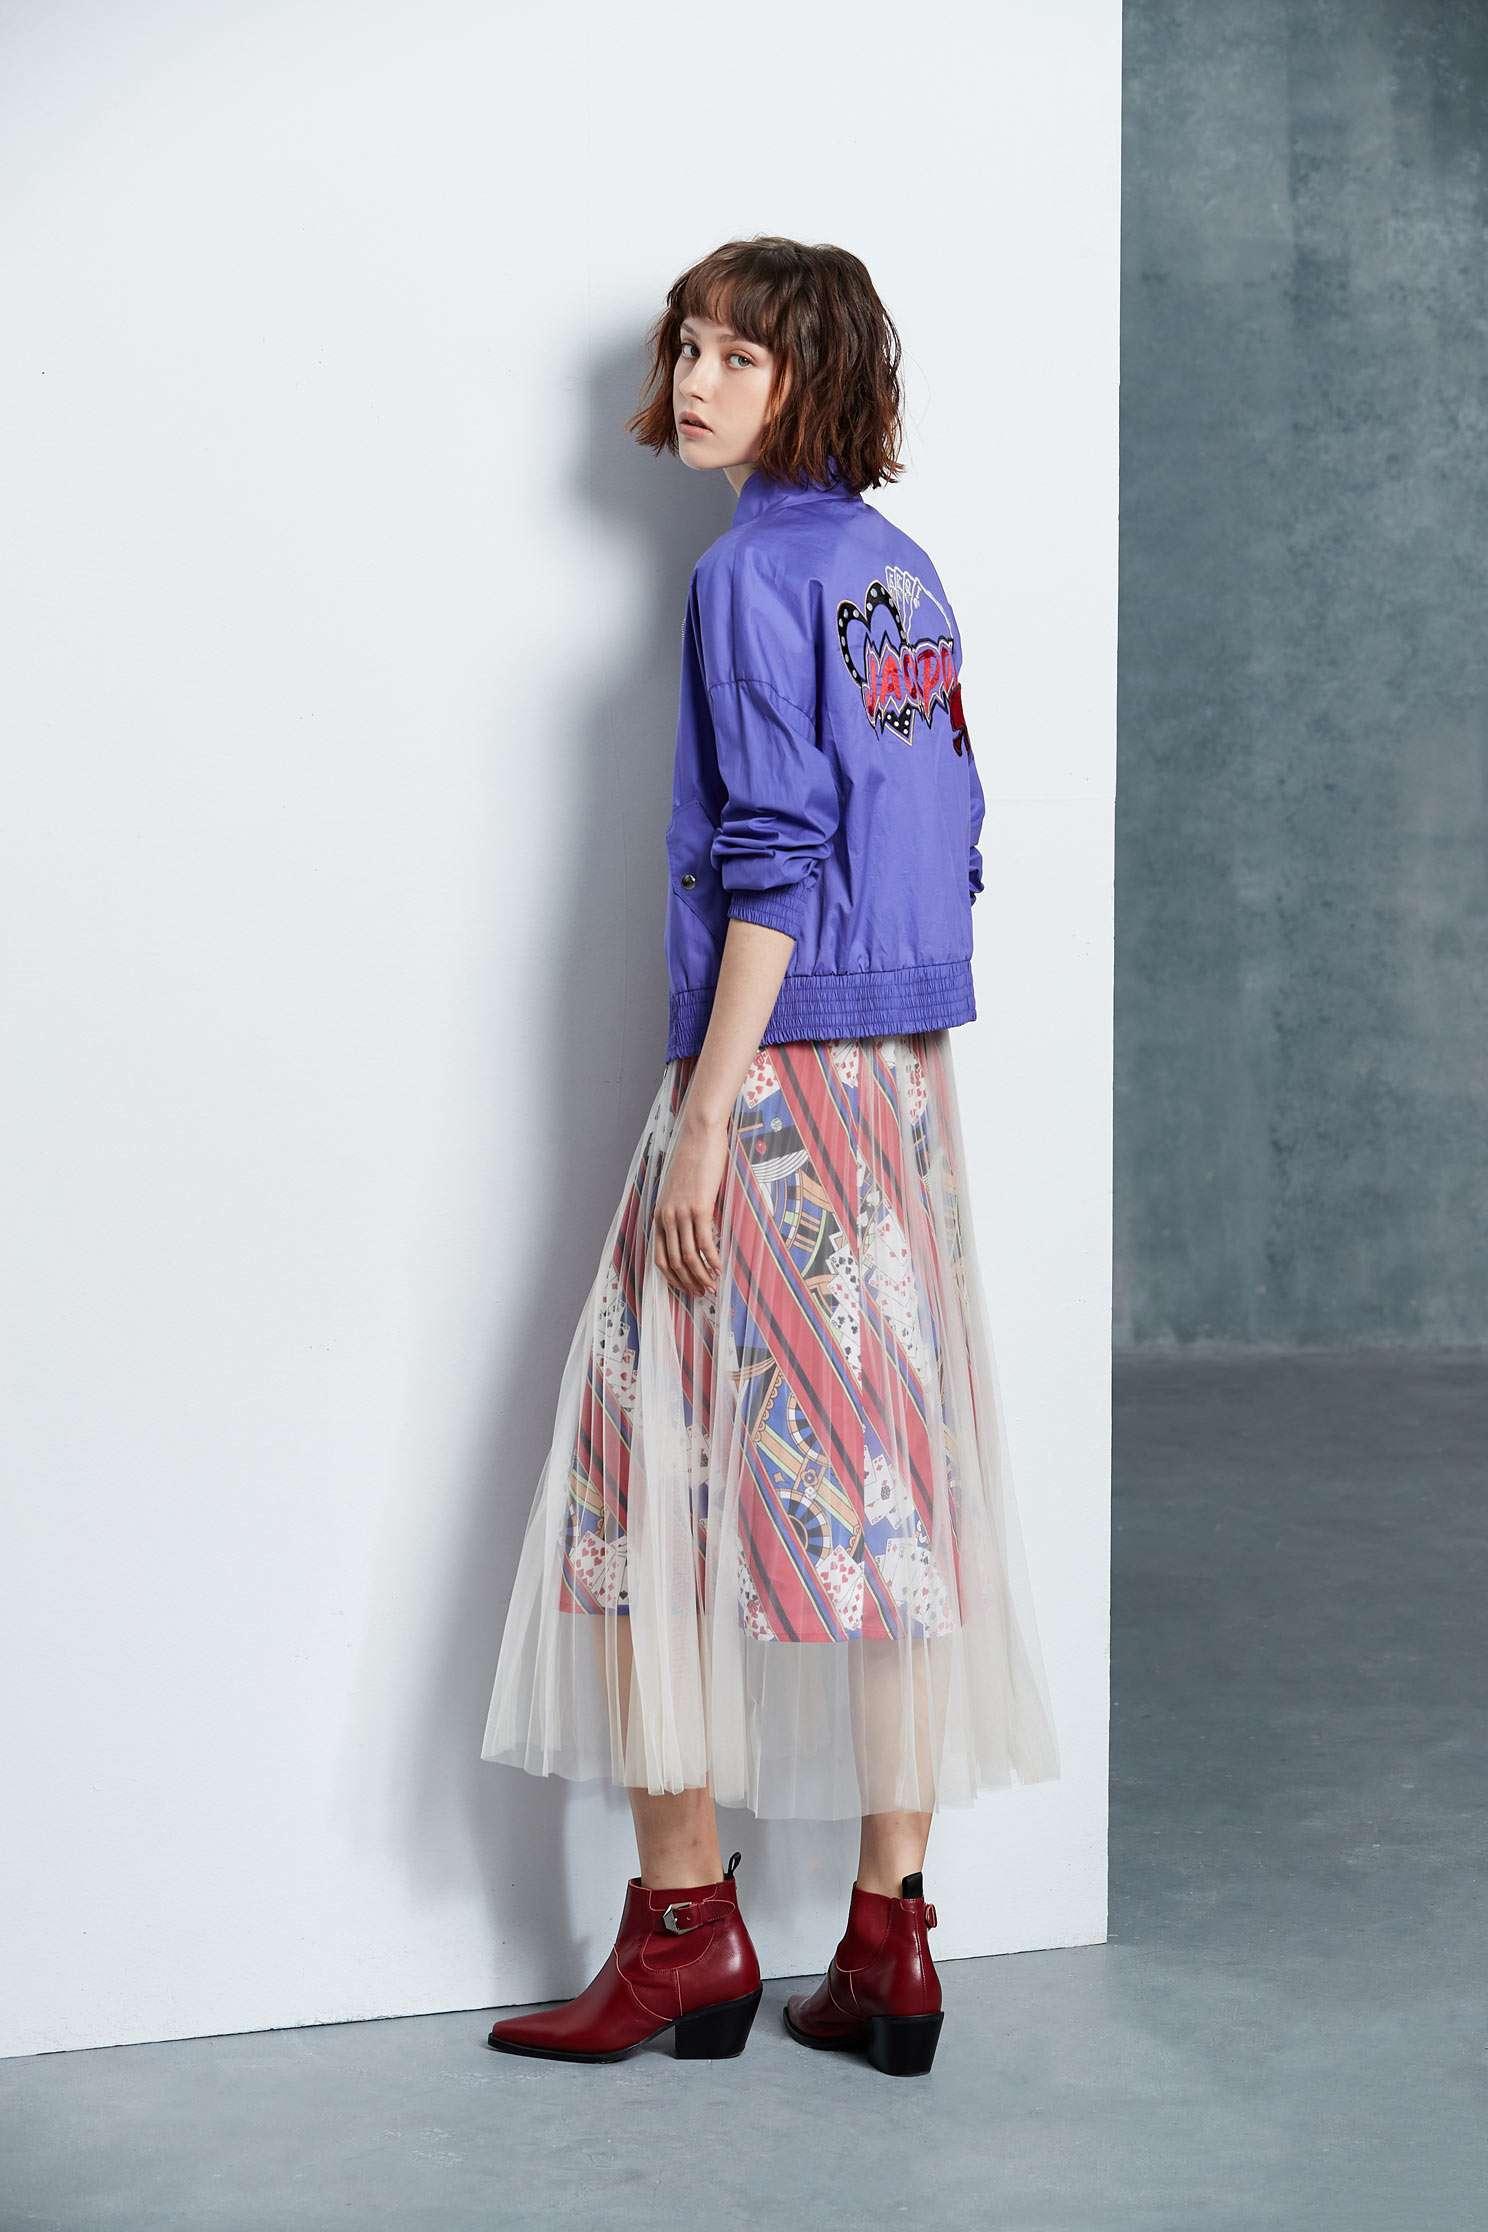 Fashion long sleeve jacket